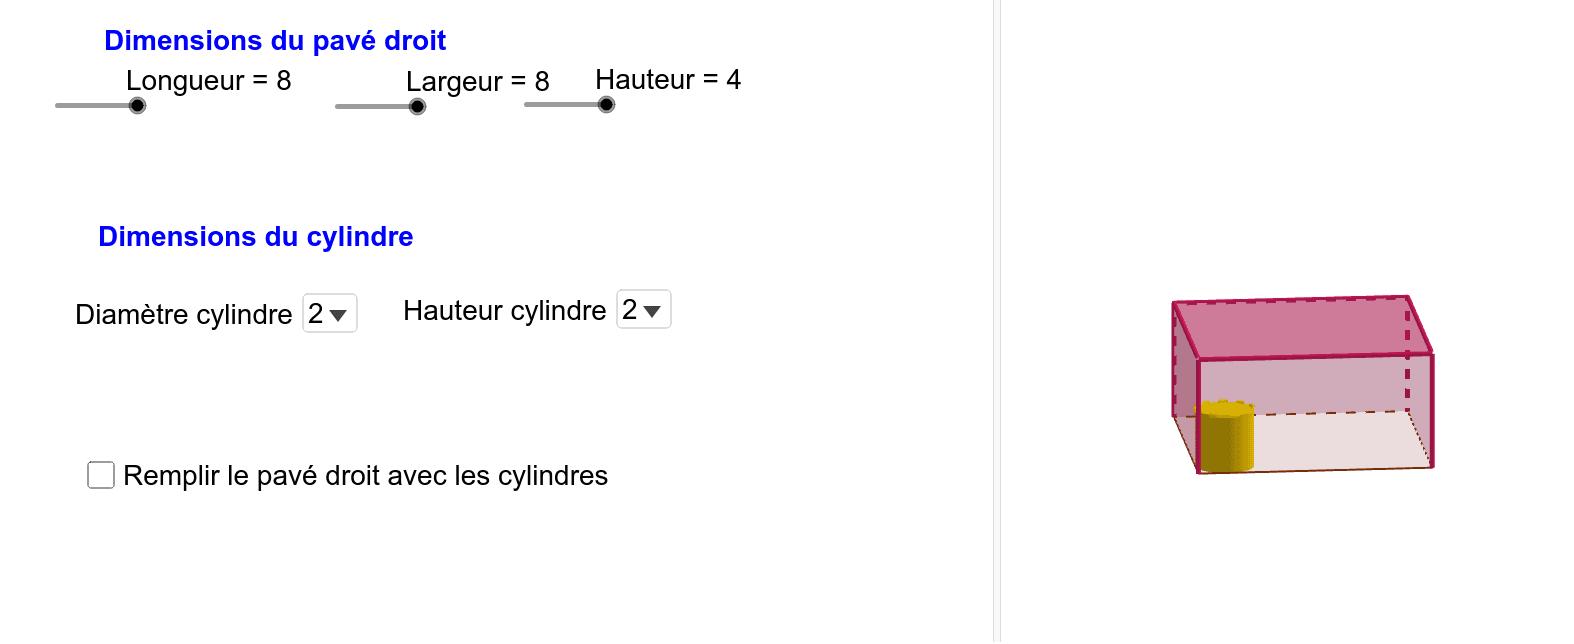 Pavage d'un pavé droit avec des cylindres